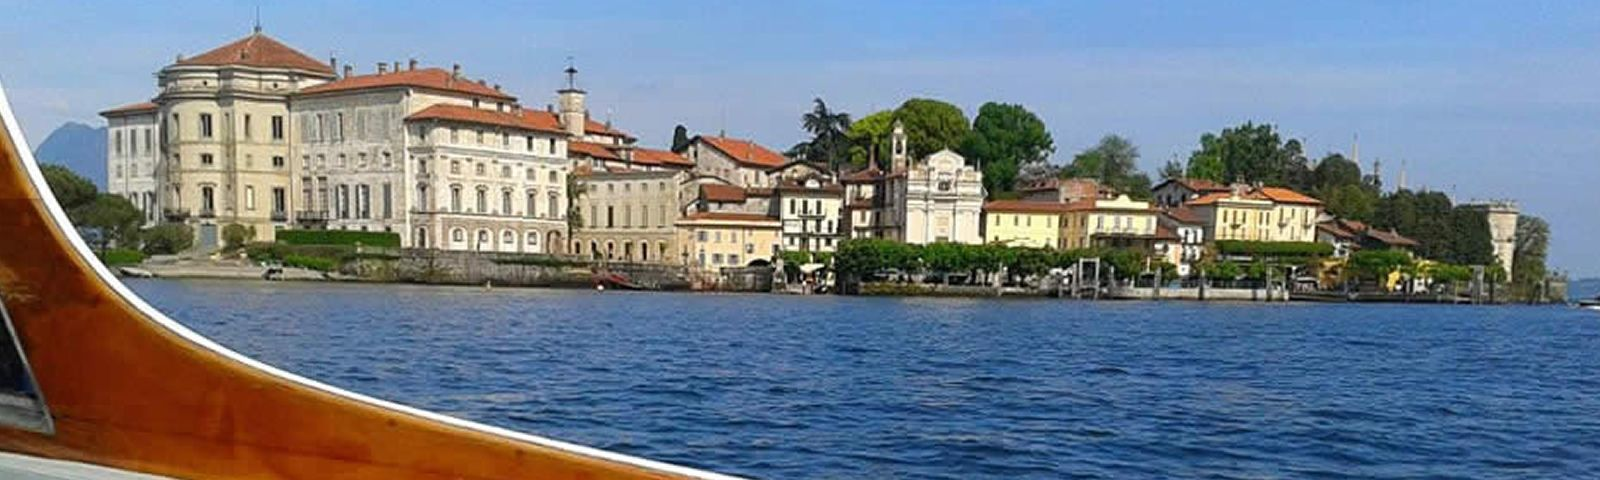 Il miglior modo per visitare il Lago Maggiore